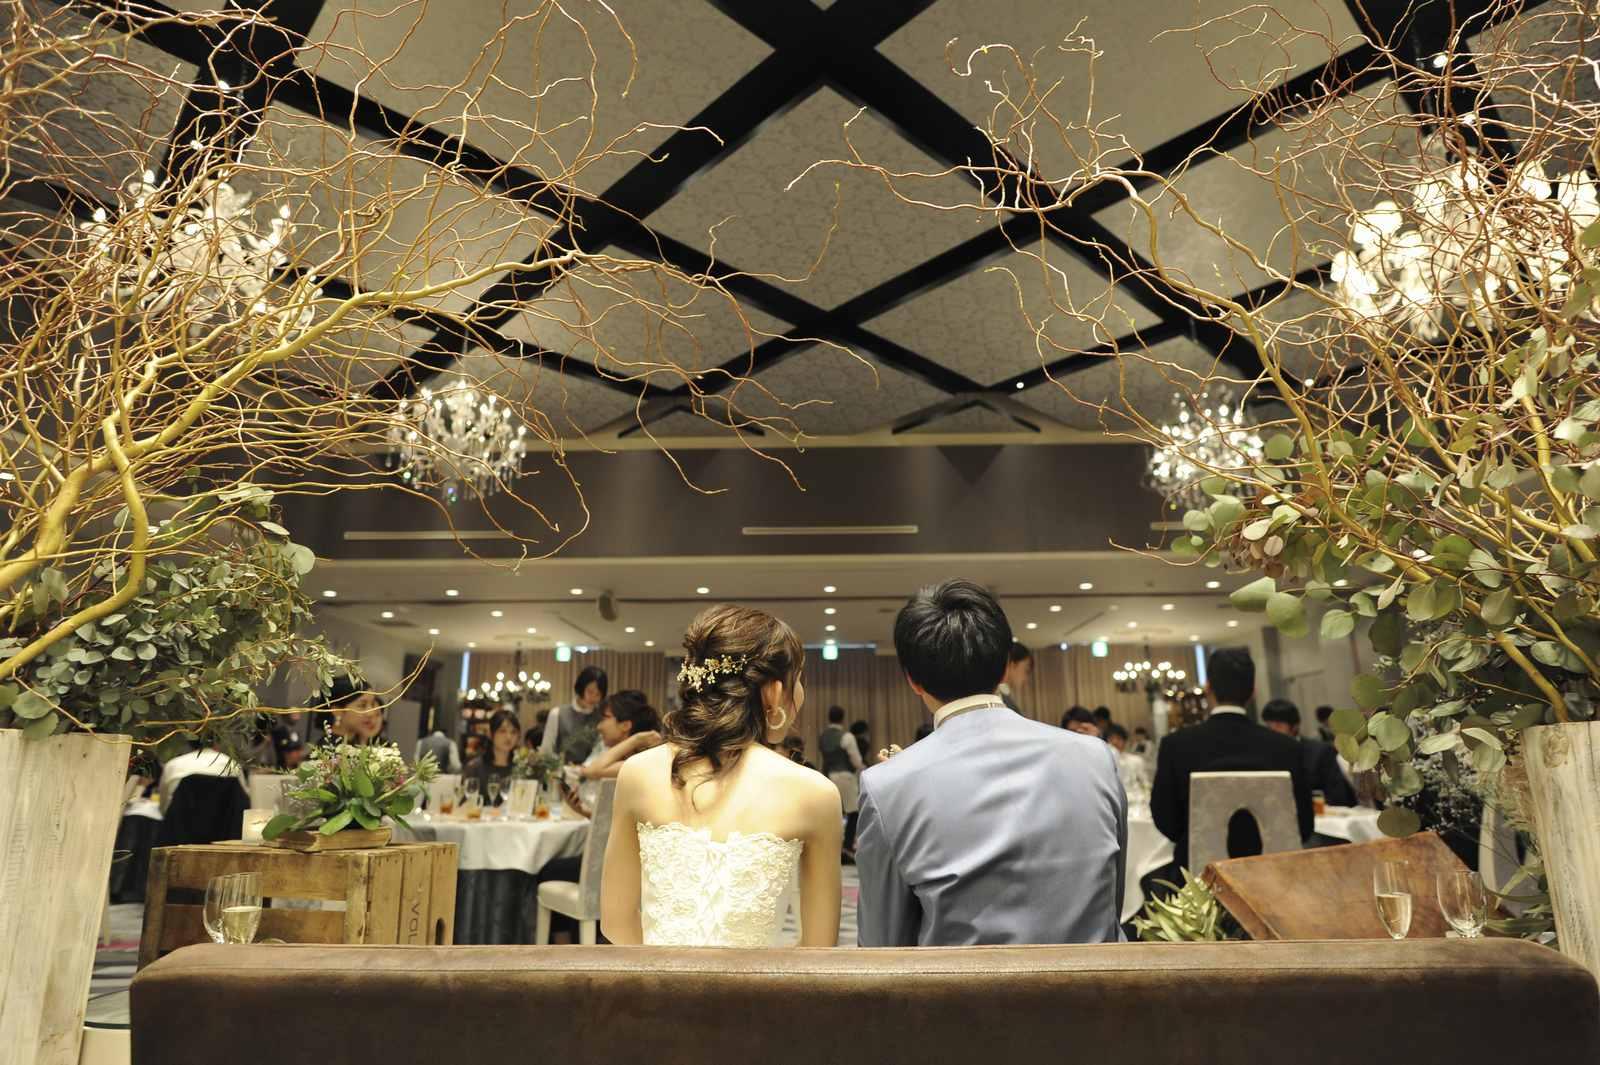 徳島市の結婚式場ブランアンジュのバンケットコーディネートは新郎新婦さまのこだわりで